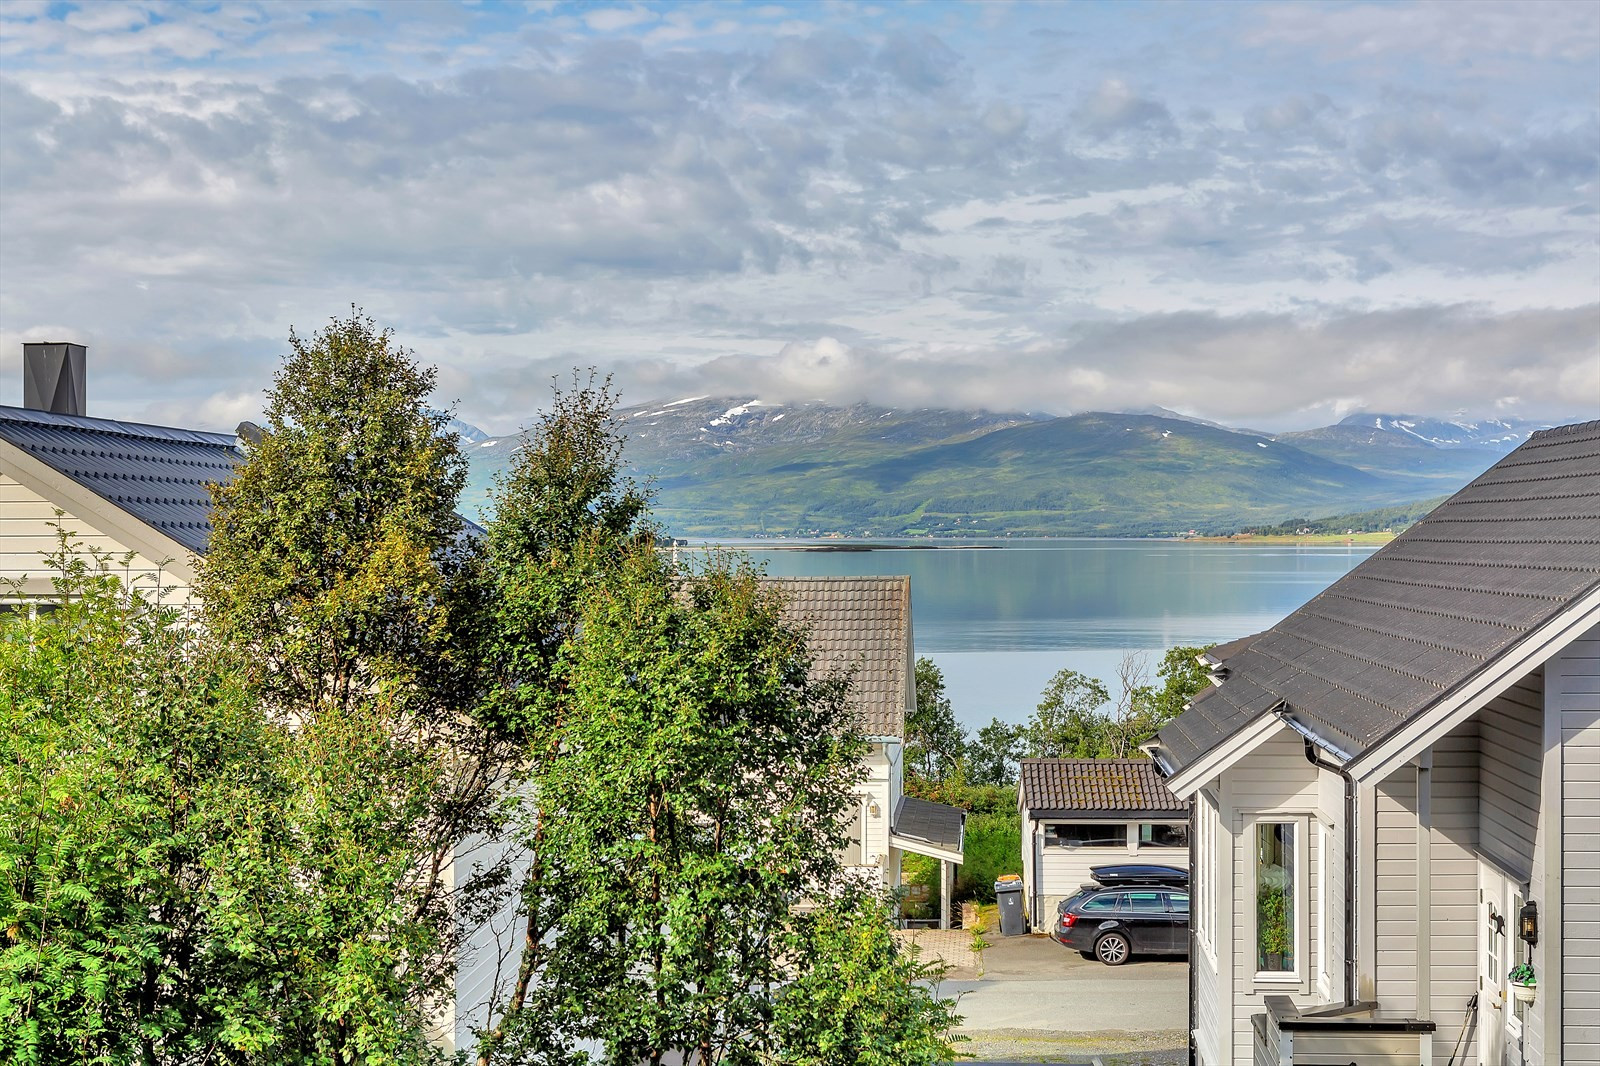 Nydelig utsikt mot deler av Kvaløya og Sandnessundet. Leiligheten er fint plassert i bygget for best mulig utsikt fra etasjen